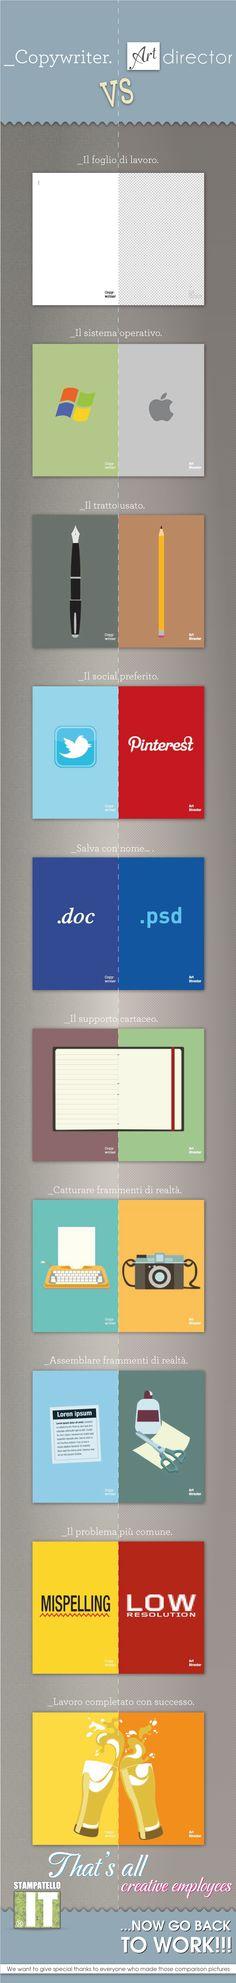 """L'infografica del giorno: """"Copywriter vs Art director""""   Virtual Studios"""